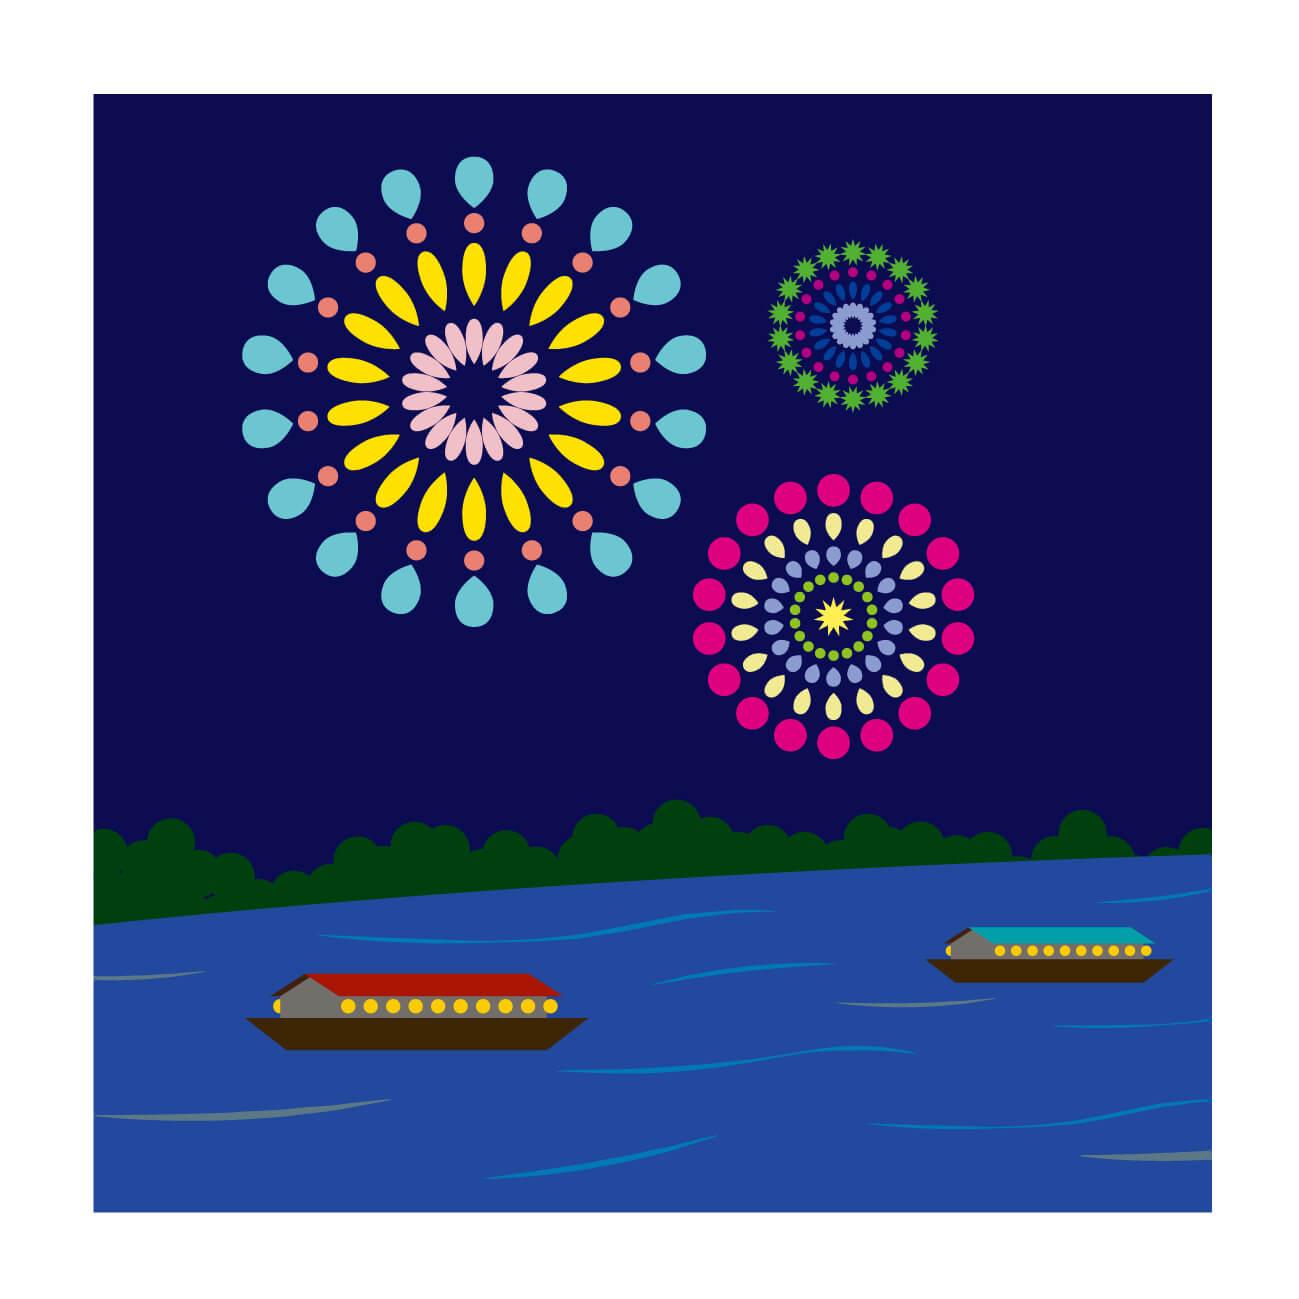 足立の花火2018有料席や屋形船の予約方法や値段!穴場も紹介